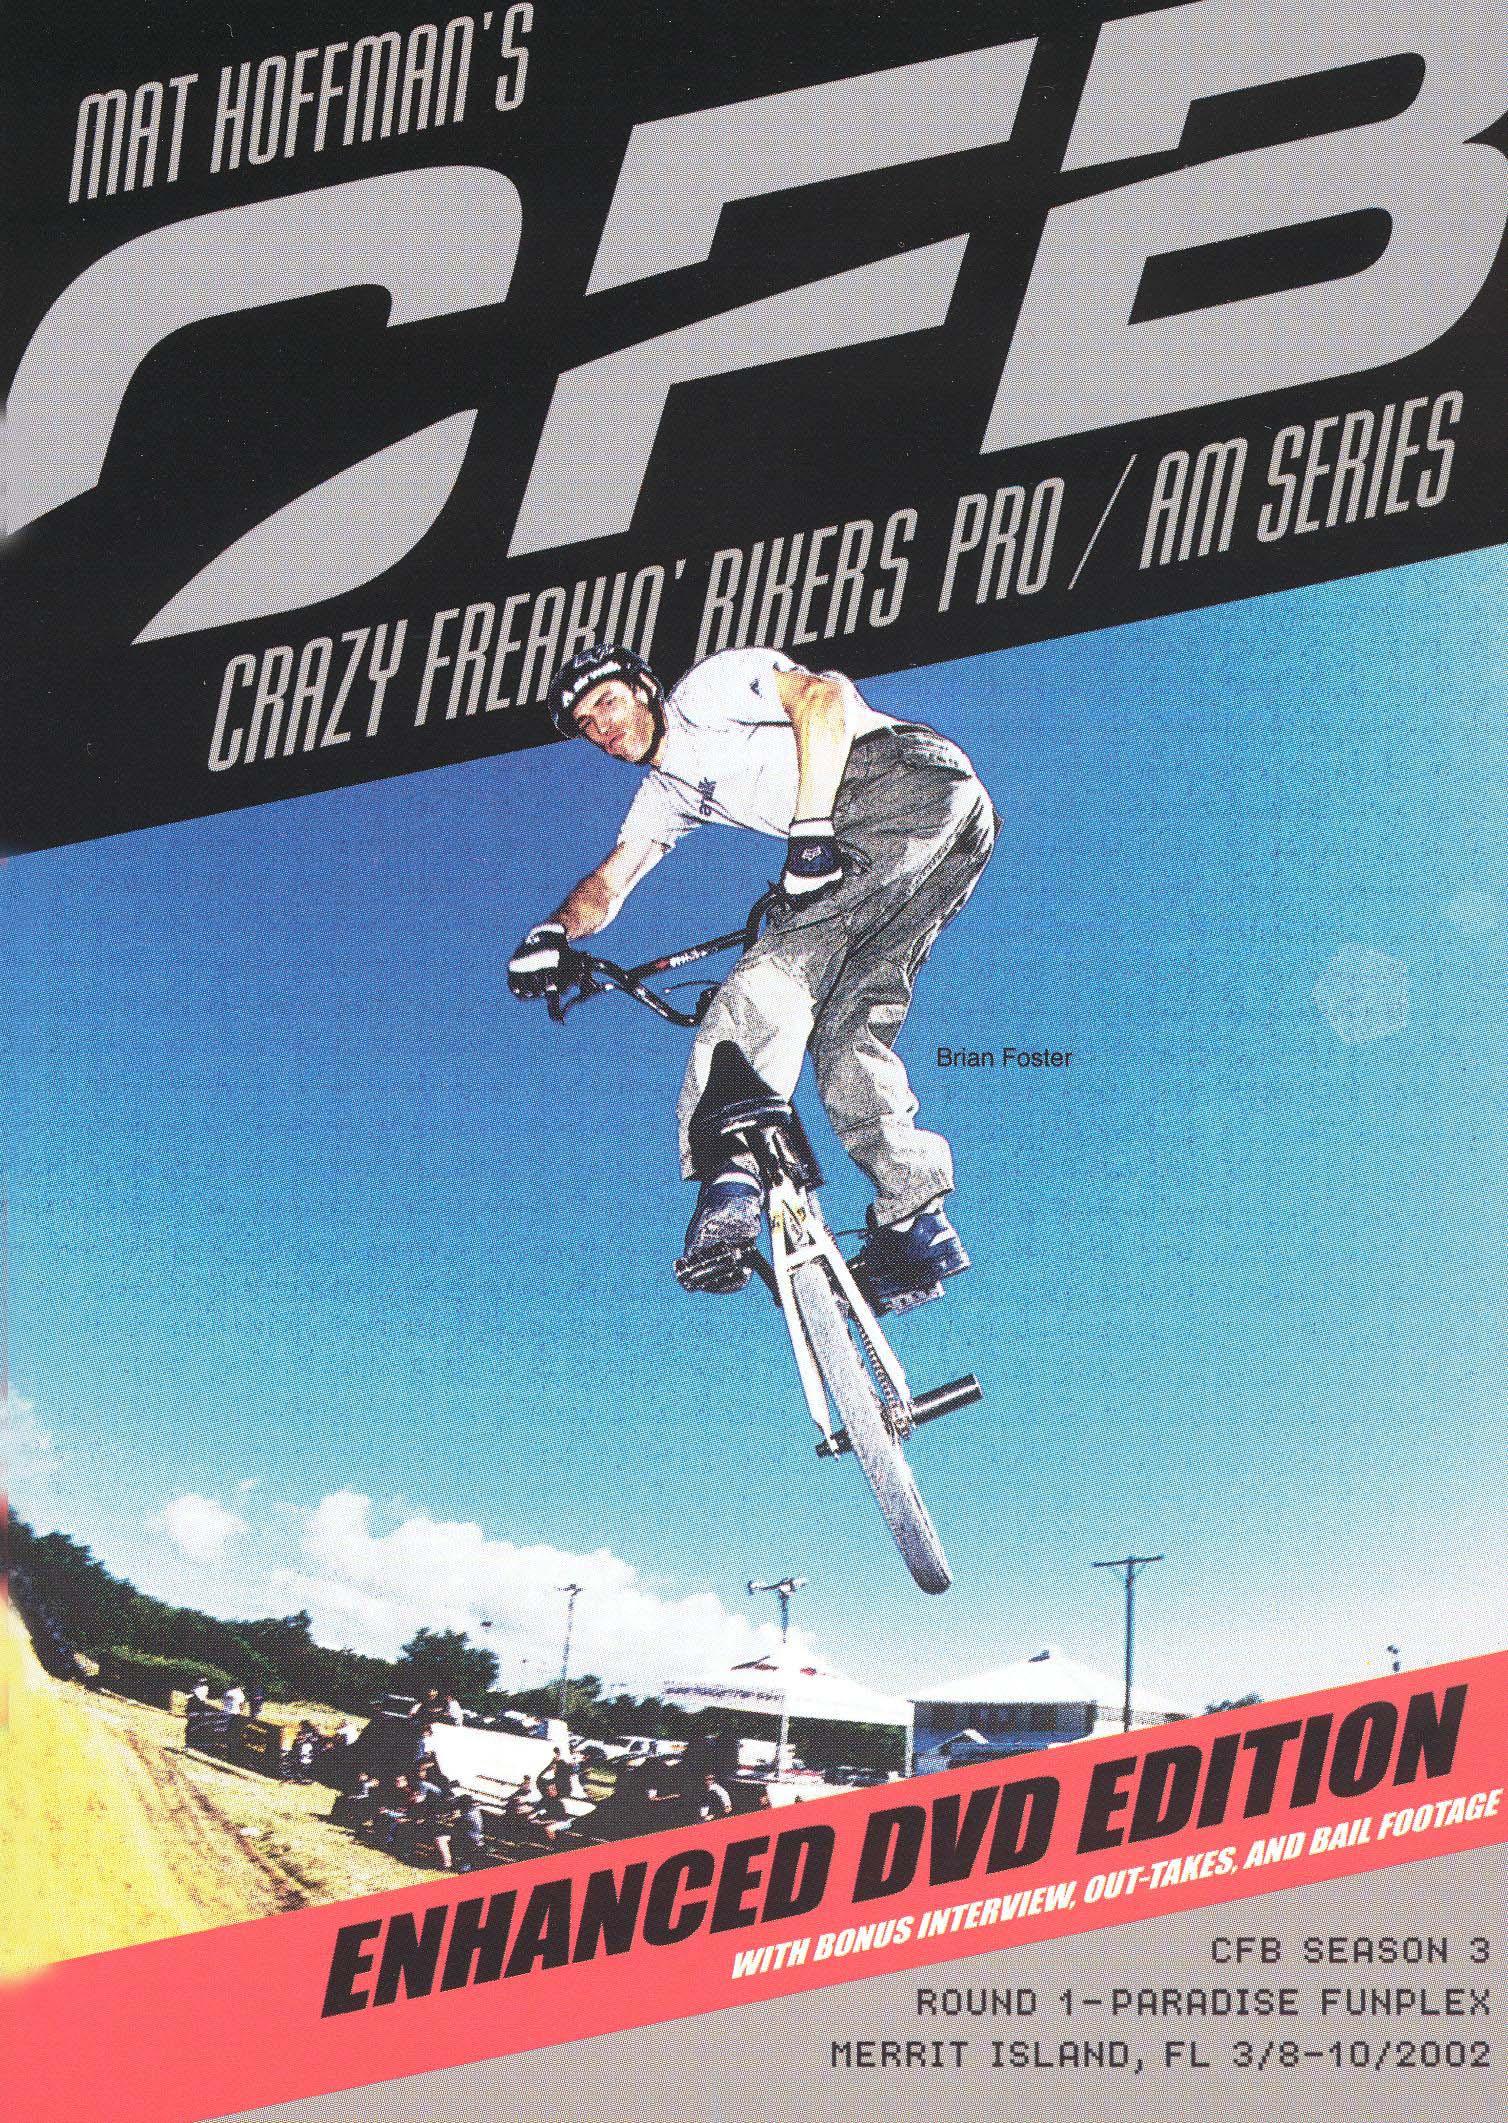 Mat Hoffman's CFB: Crazy Freakin' Bikers Pro/AM Series